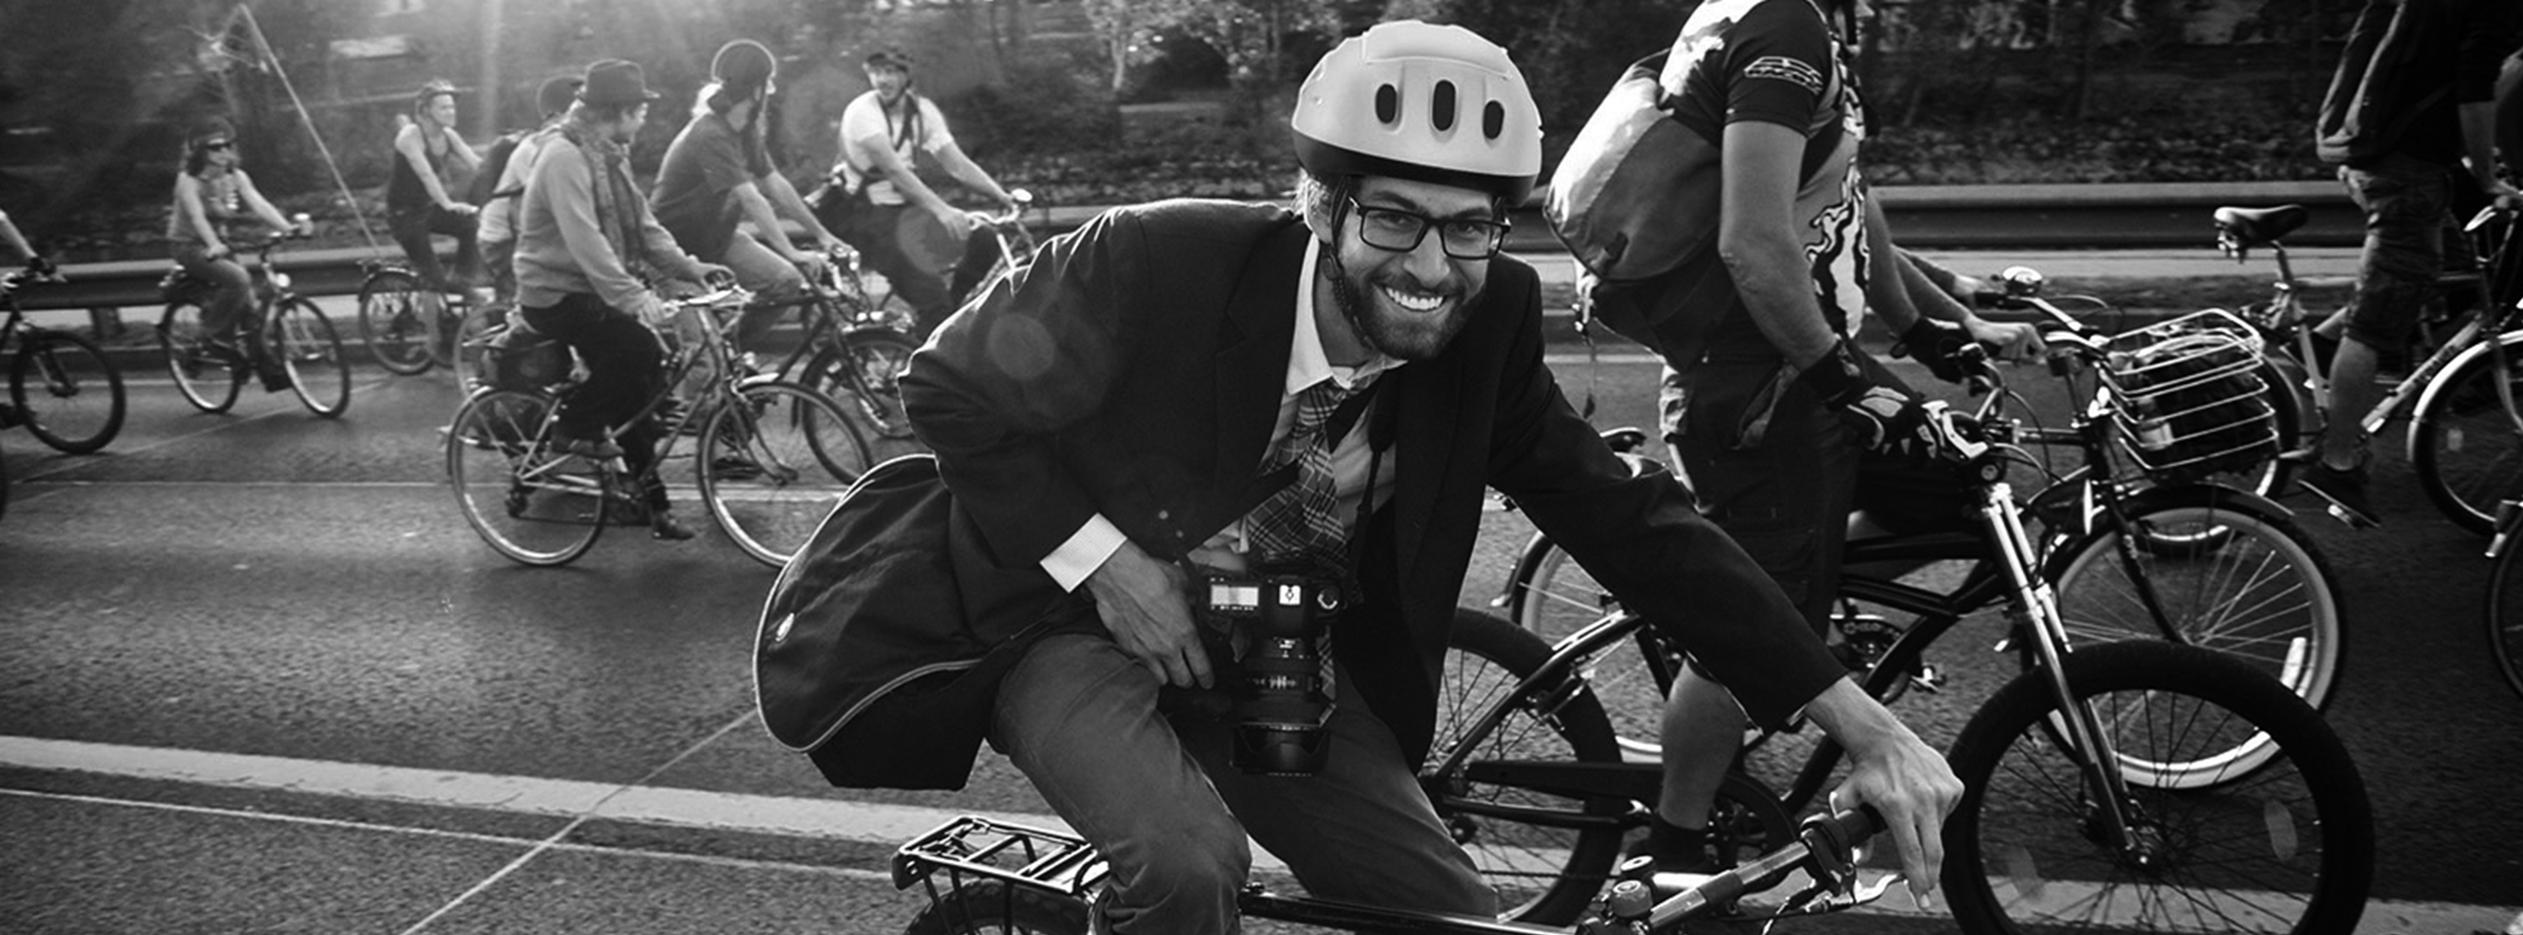 Bundesministerium für Verkehr Fahrrad